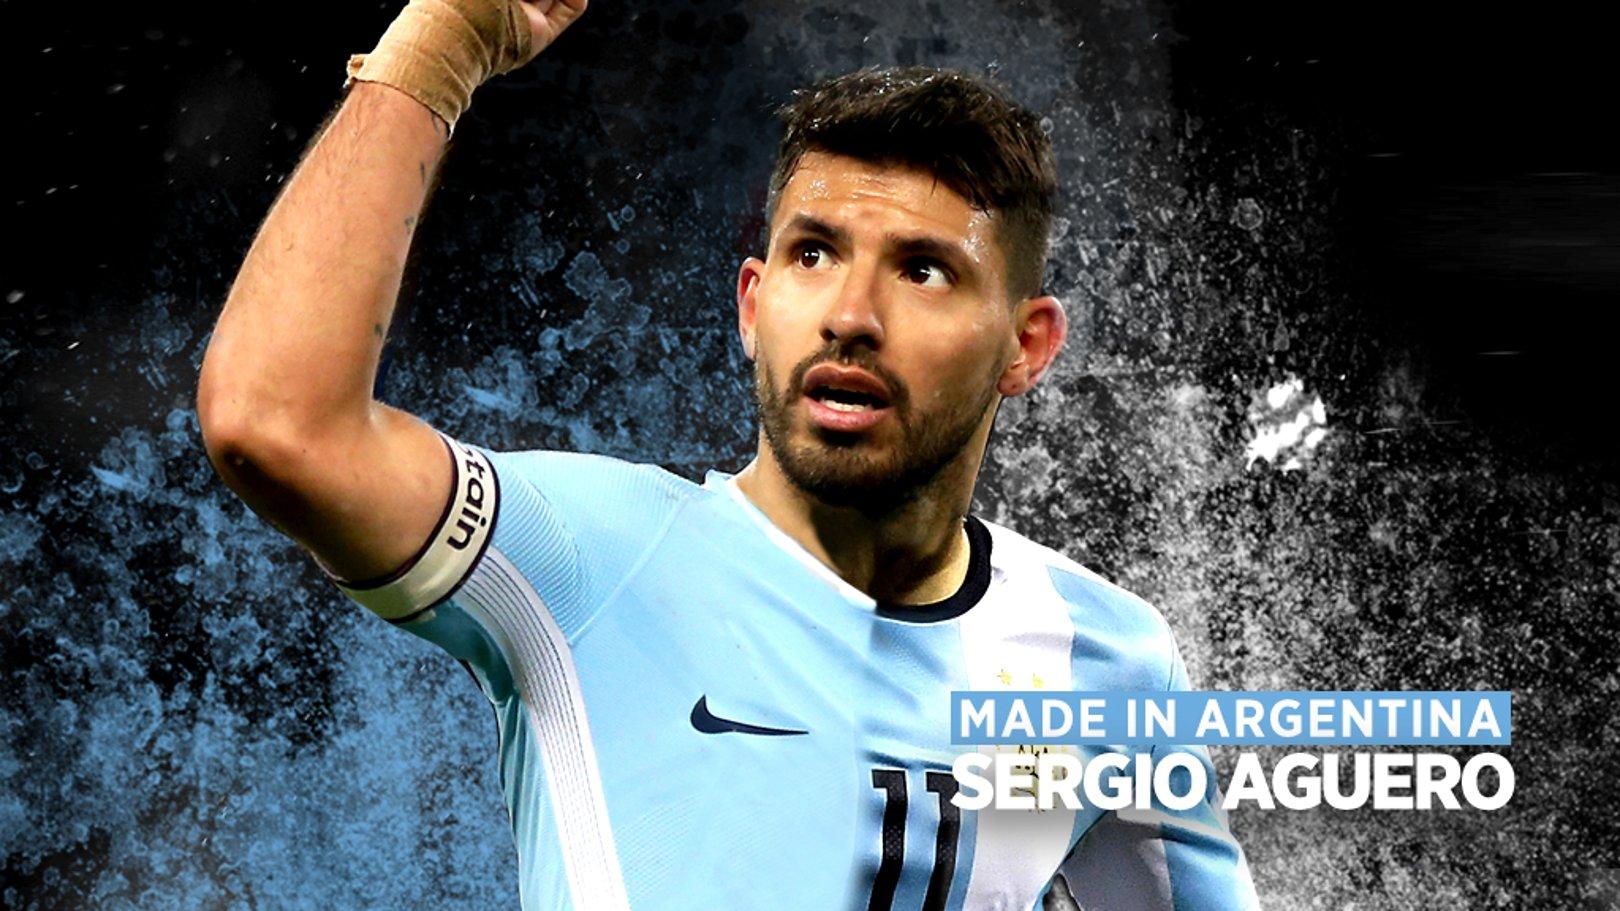 Sergio Aguero: Made in Argentina